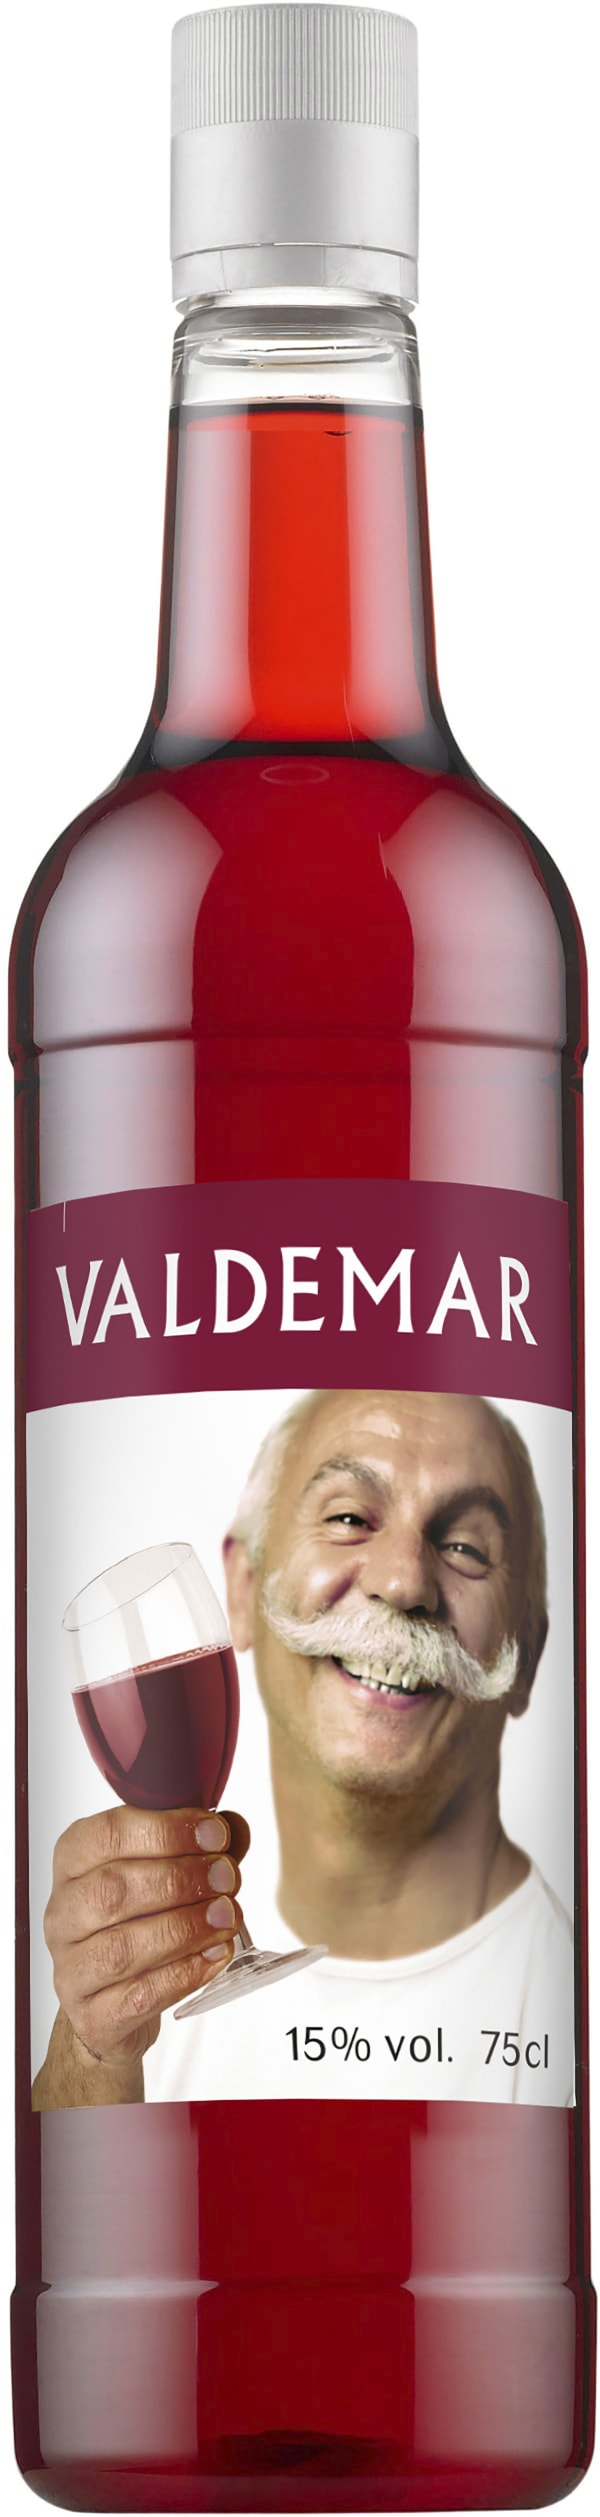 Valdemar plastic bottle